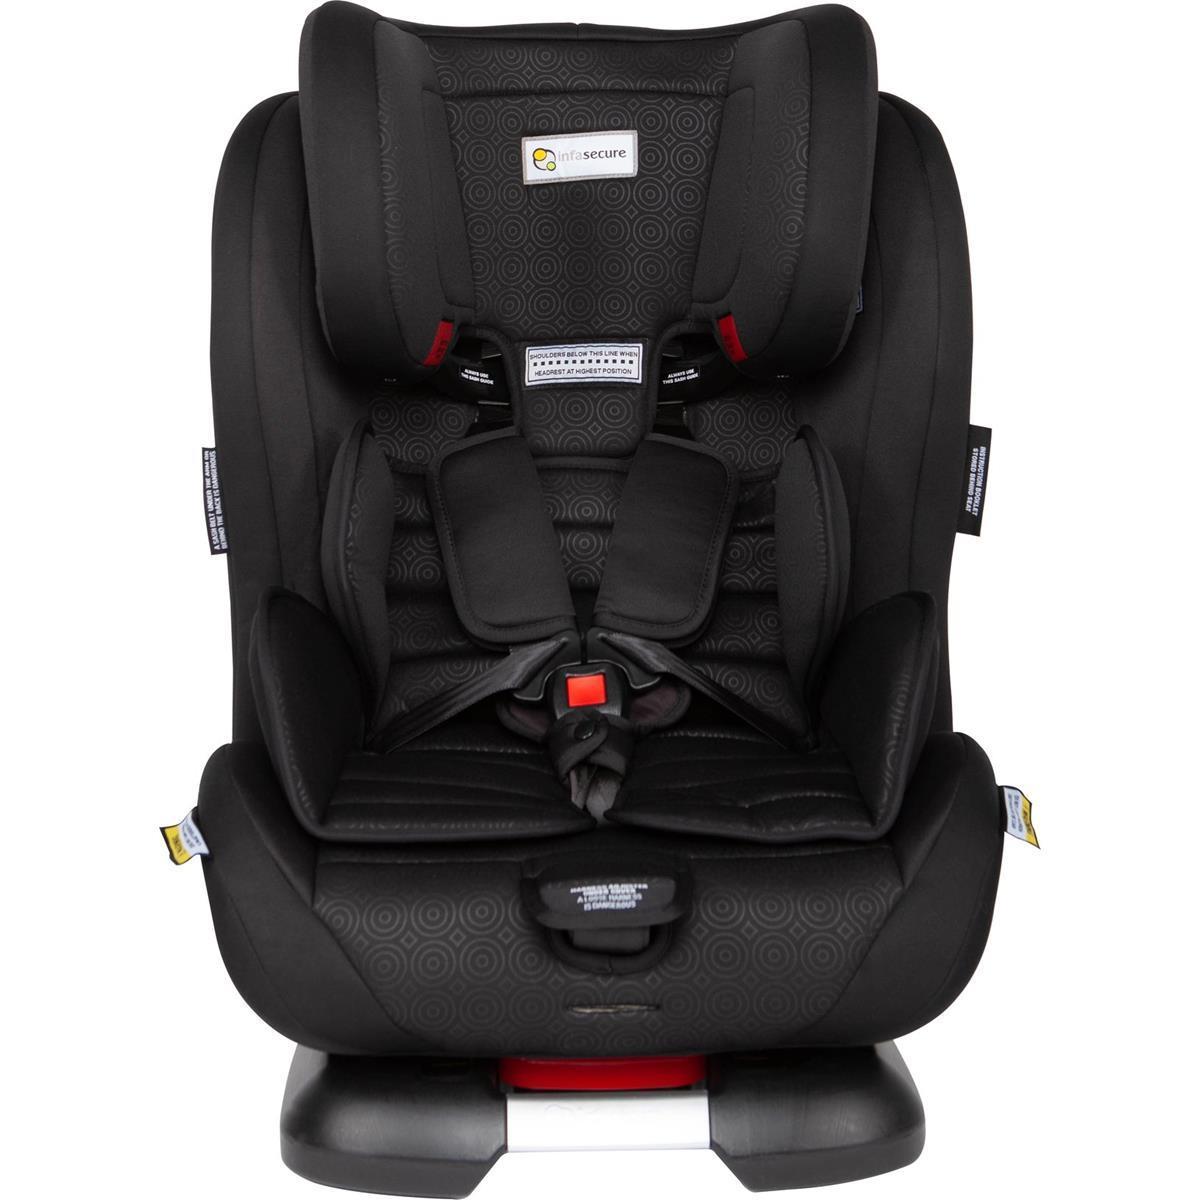 Infa Secure Luxi II Caprice Convertible Car Seat - Mini Swirl